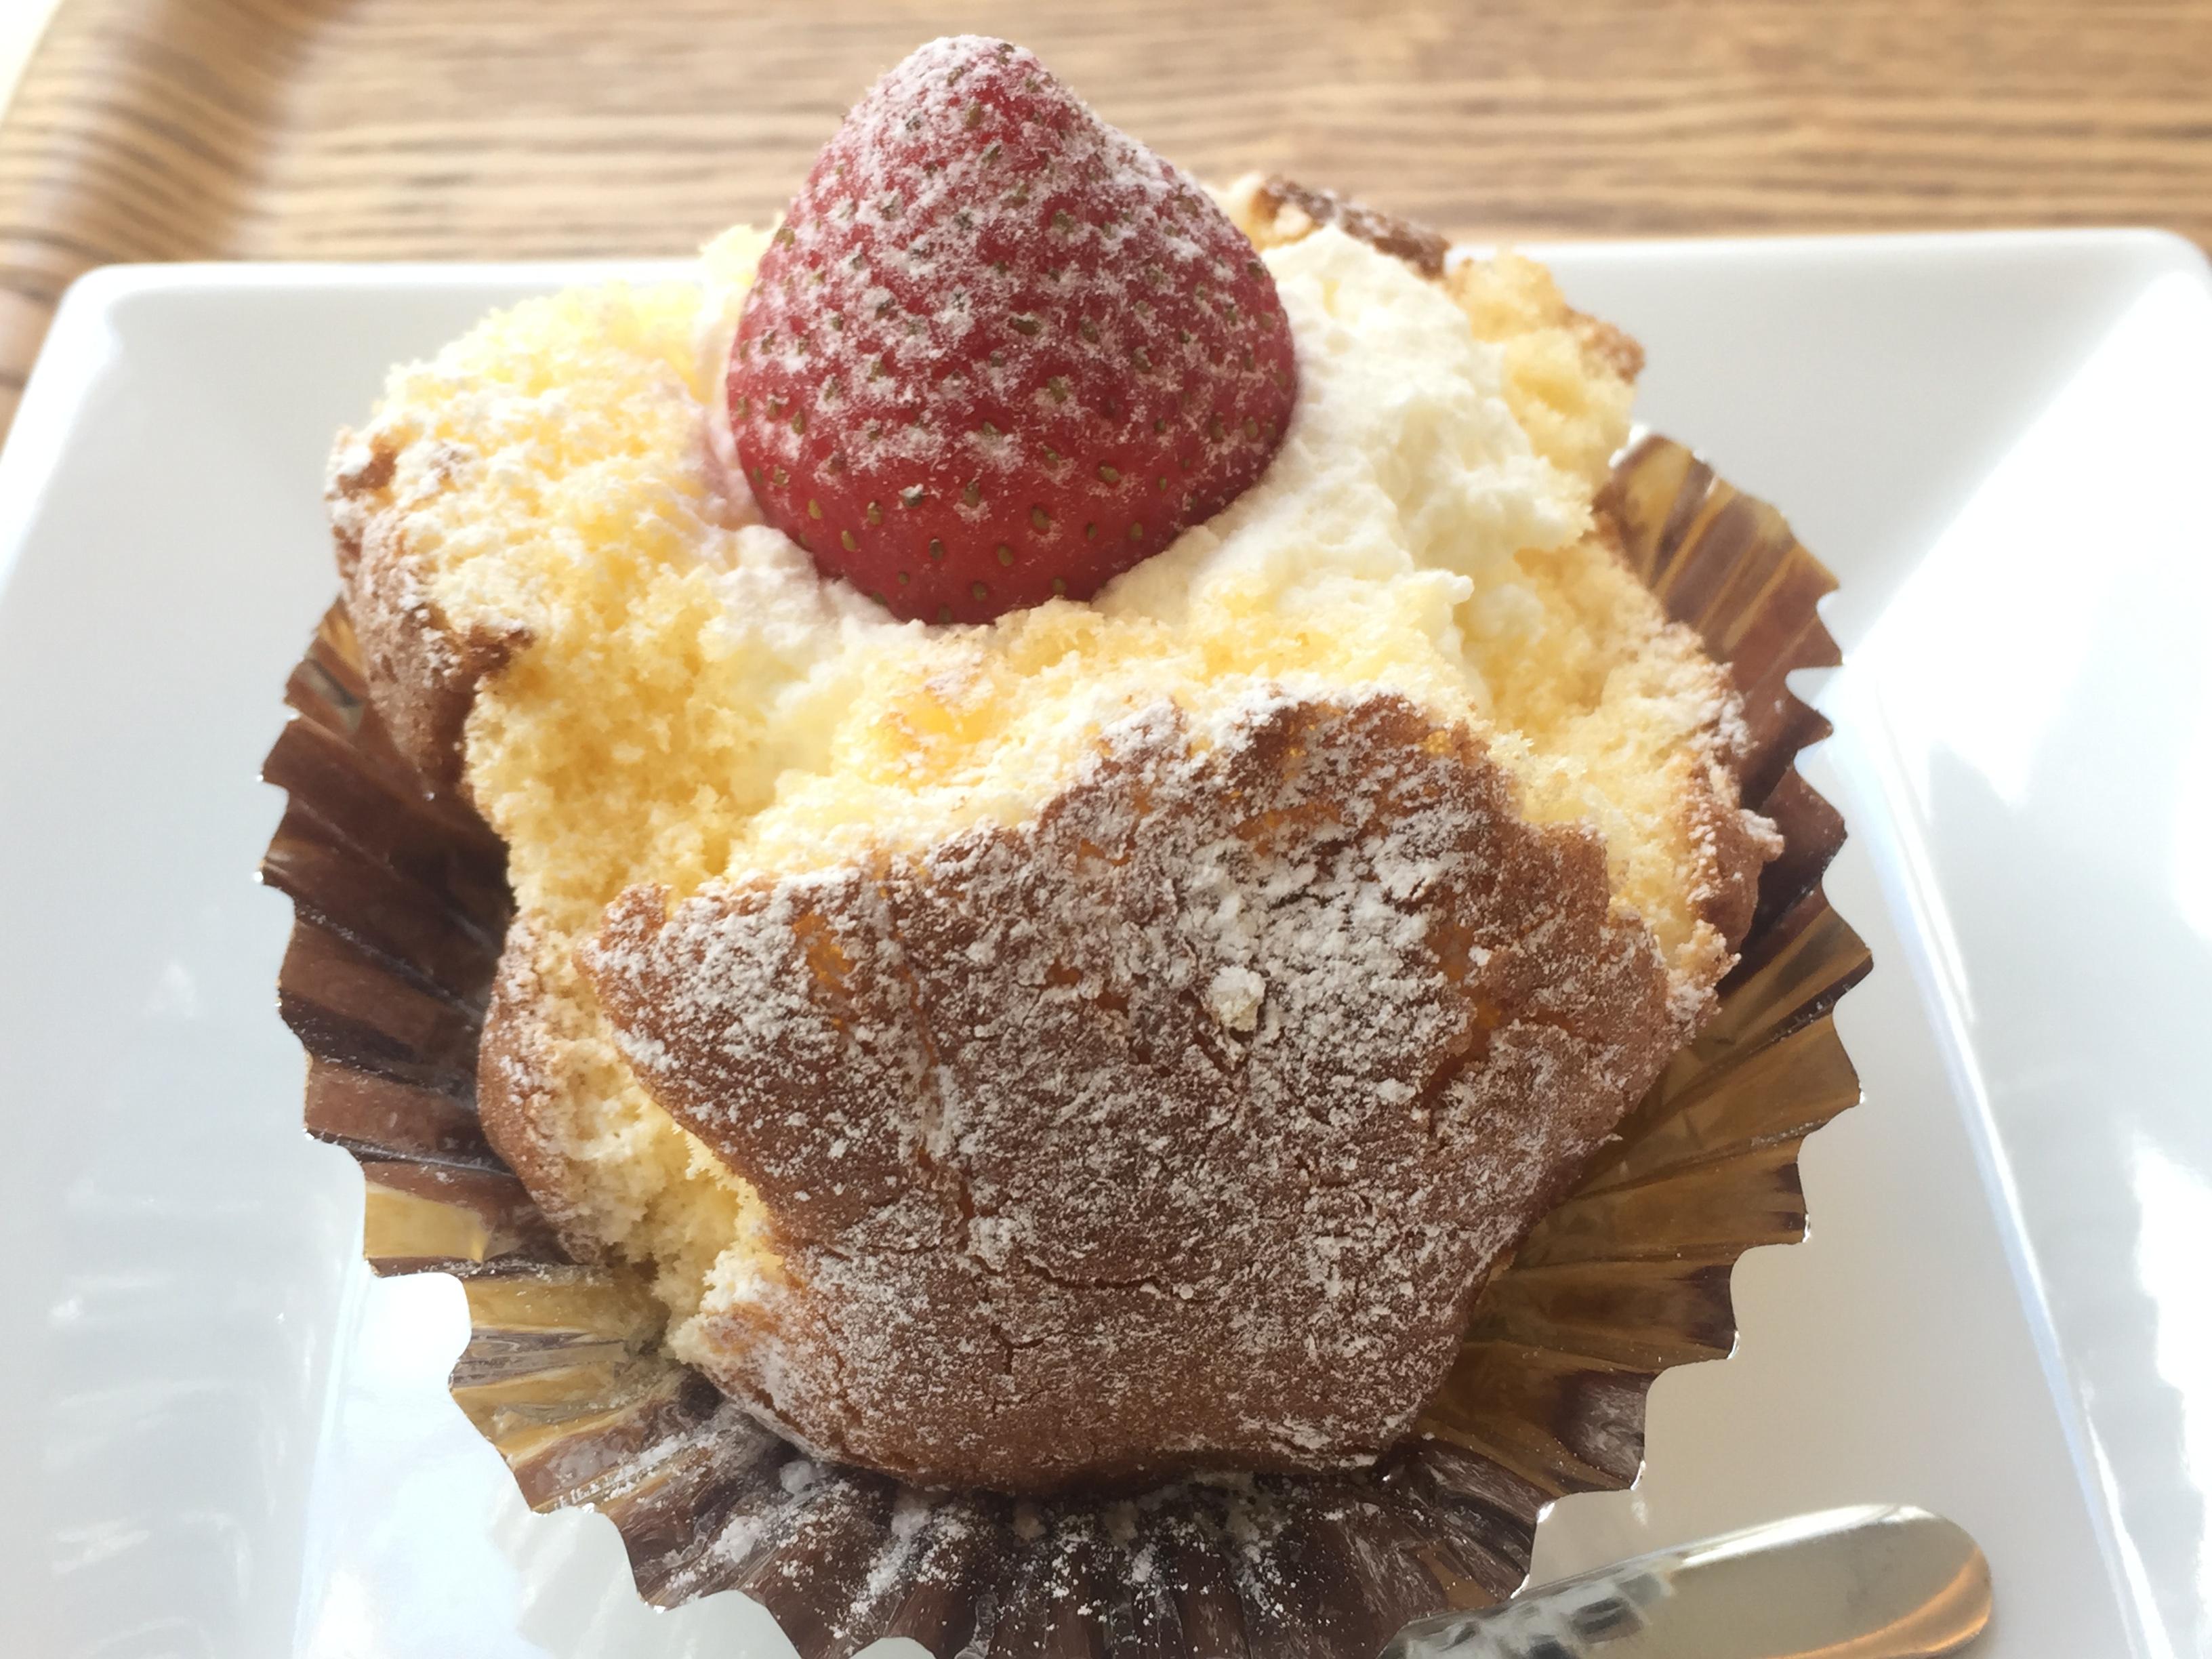 ちちんぷいぷいでも紹介!神戸・元町にある「元町ケーキ」看板メニューの「ざくろ」を食べてみた! #元町ケーキ #神戸スイーツ #ざくろ #ちちんぷいぷい